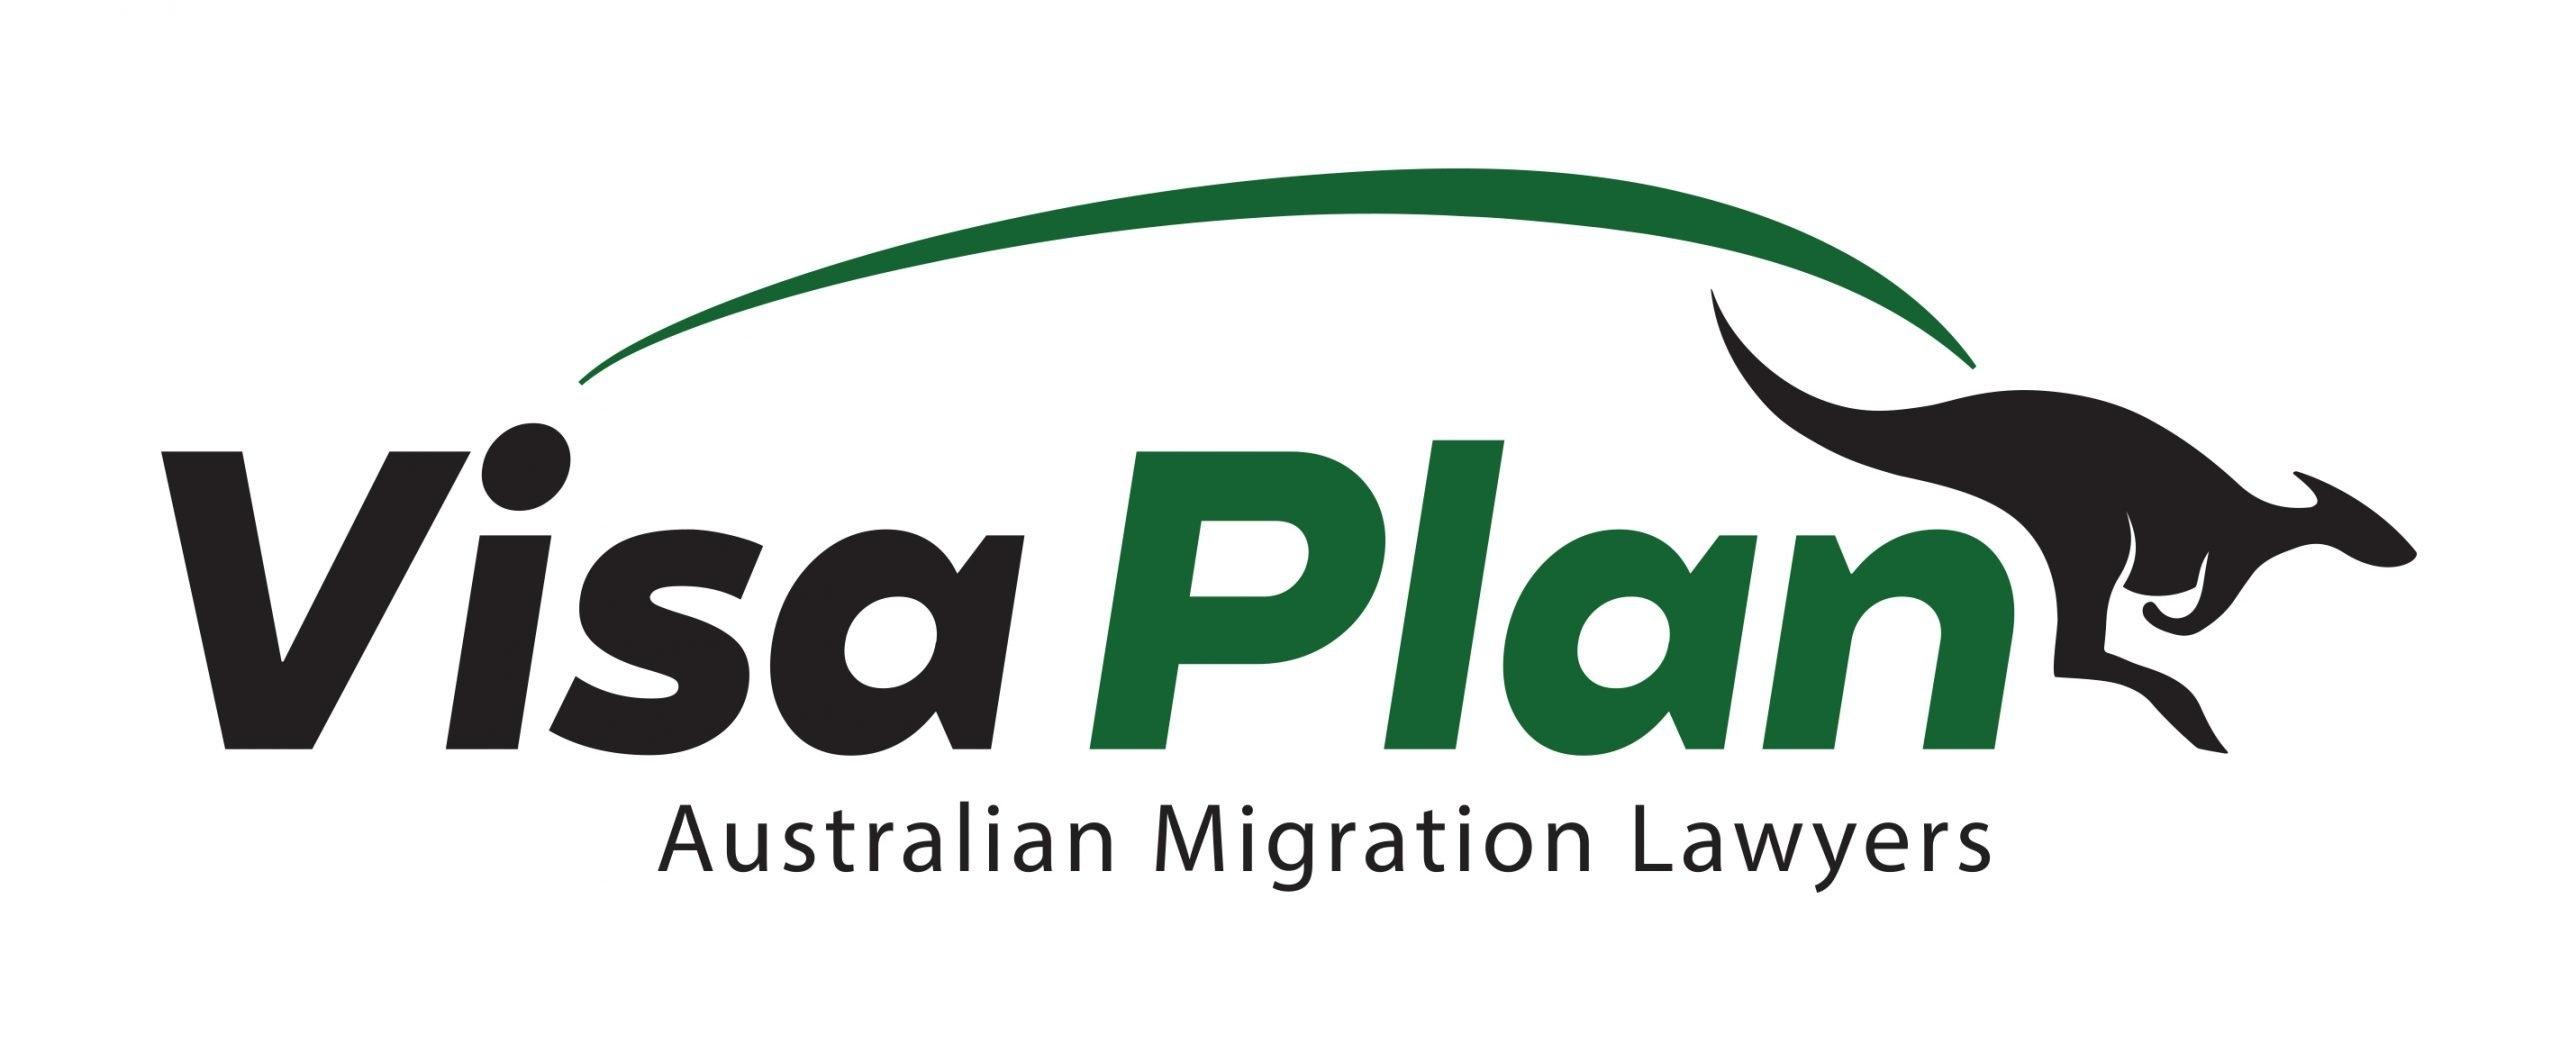 isa Plan (@visaplan4au) Cover Image